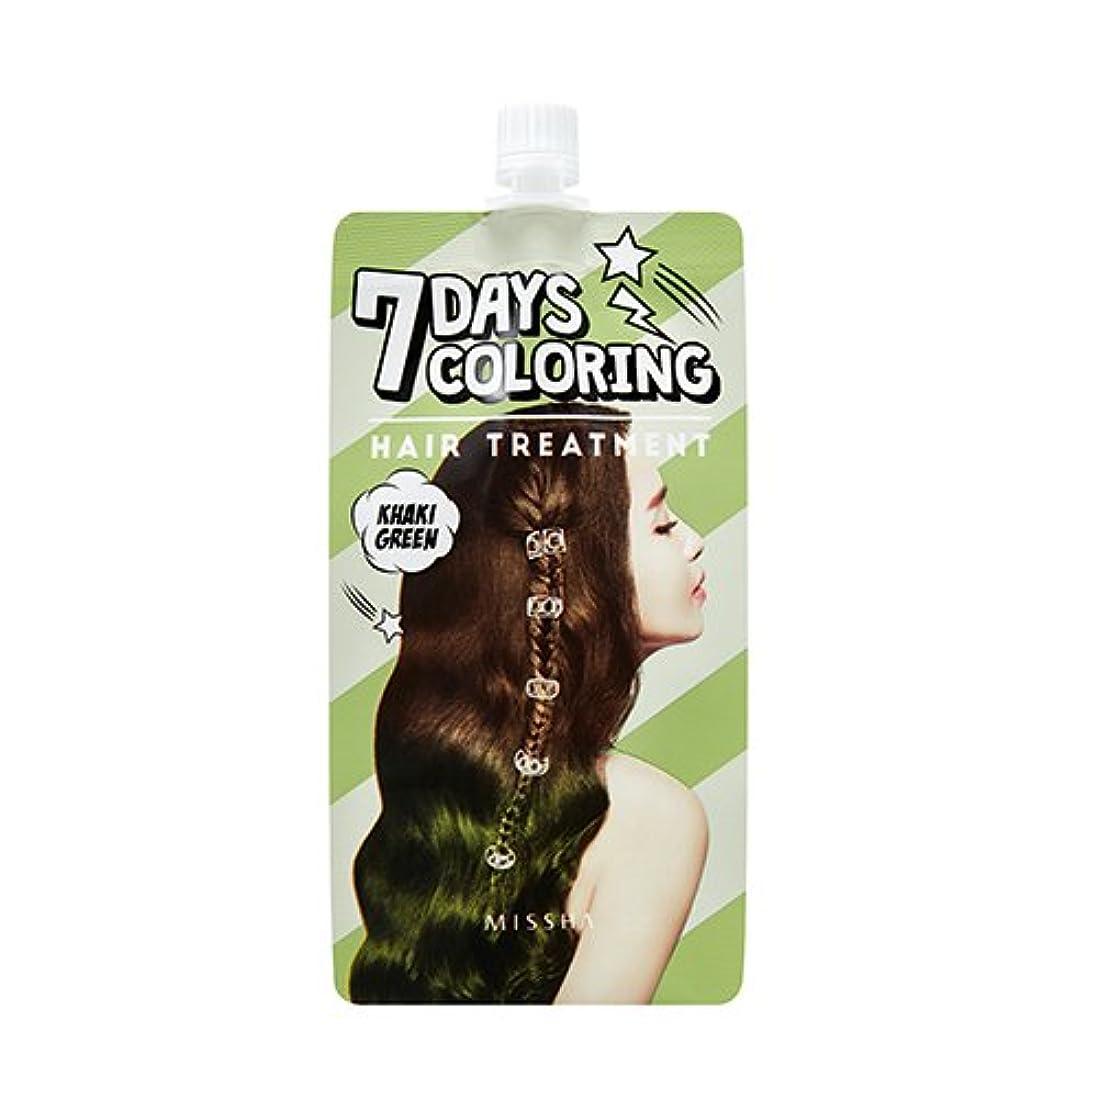 株式コンプリート受け入れたMISSHA 7 Days Coloring Hair Treatment 25ml/ミシャ 7デイズ カラーリング ヘア トリートメント 25ml (#Khaki Green) [並行輸入品]